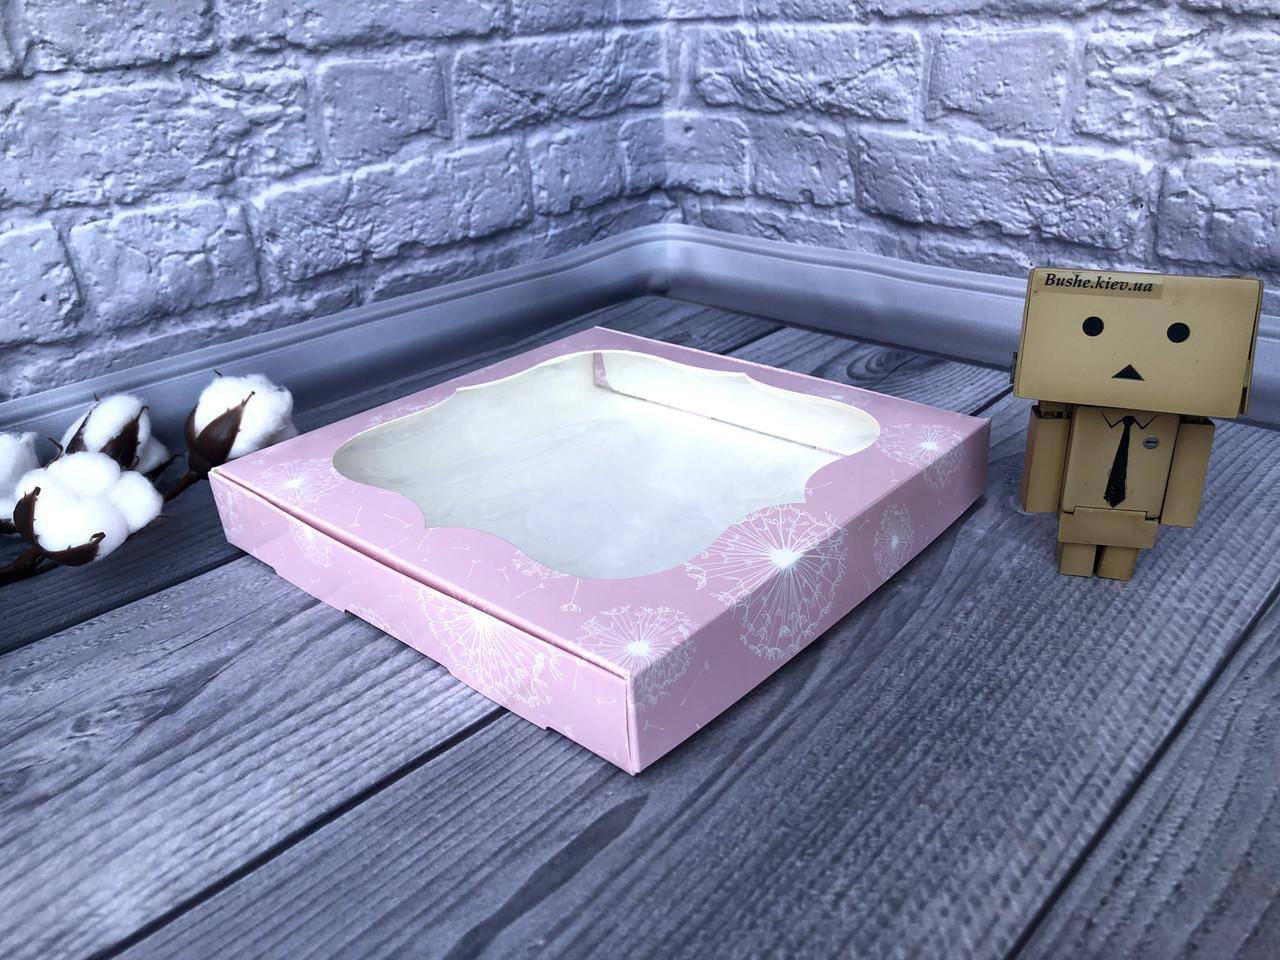 *10 шт* / Коробка для пряников / 200х200х30 мм / печать-Одуван / окно-обычн / лк